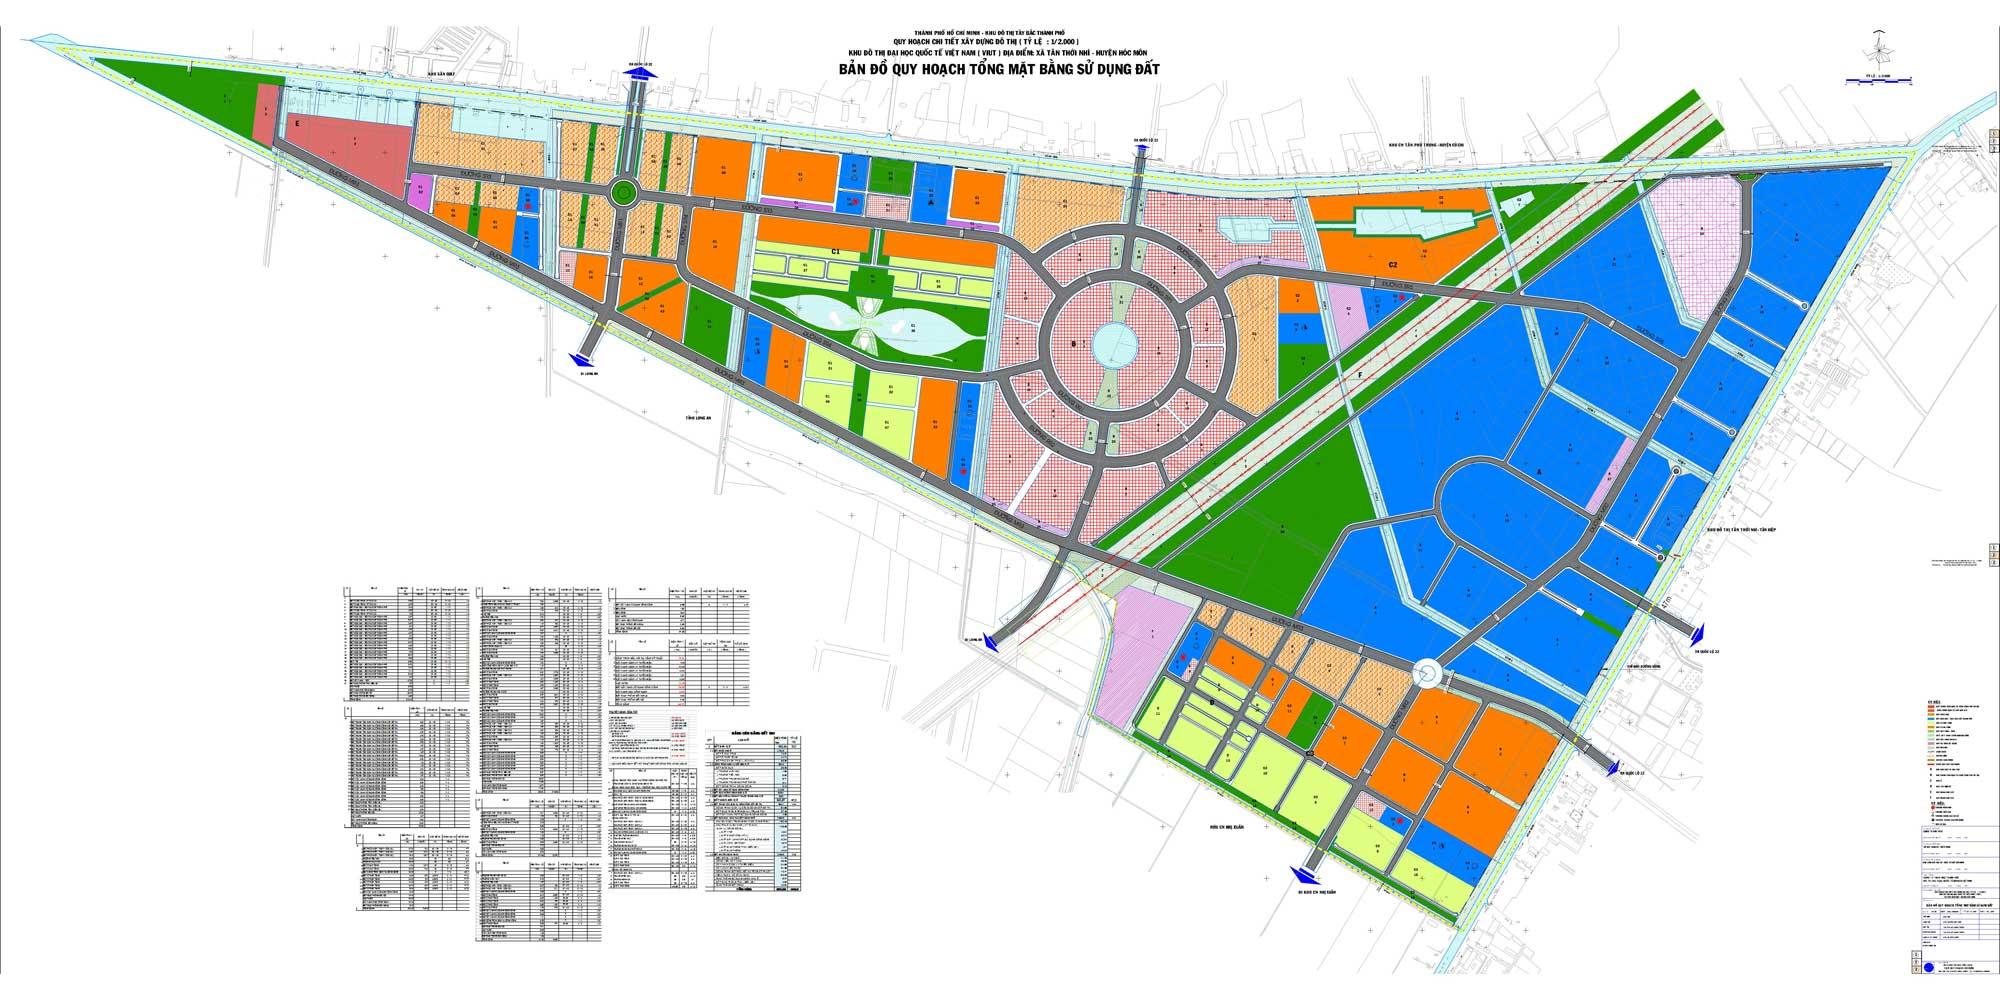 Mặt bằng Dự án Khu đô thị Vinhomes Hóc Môn